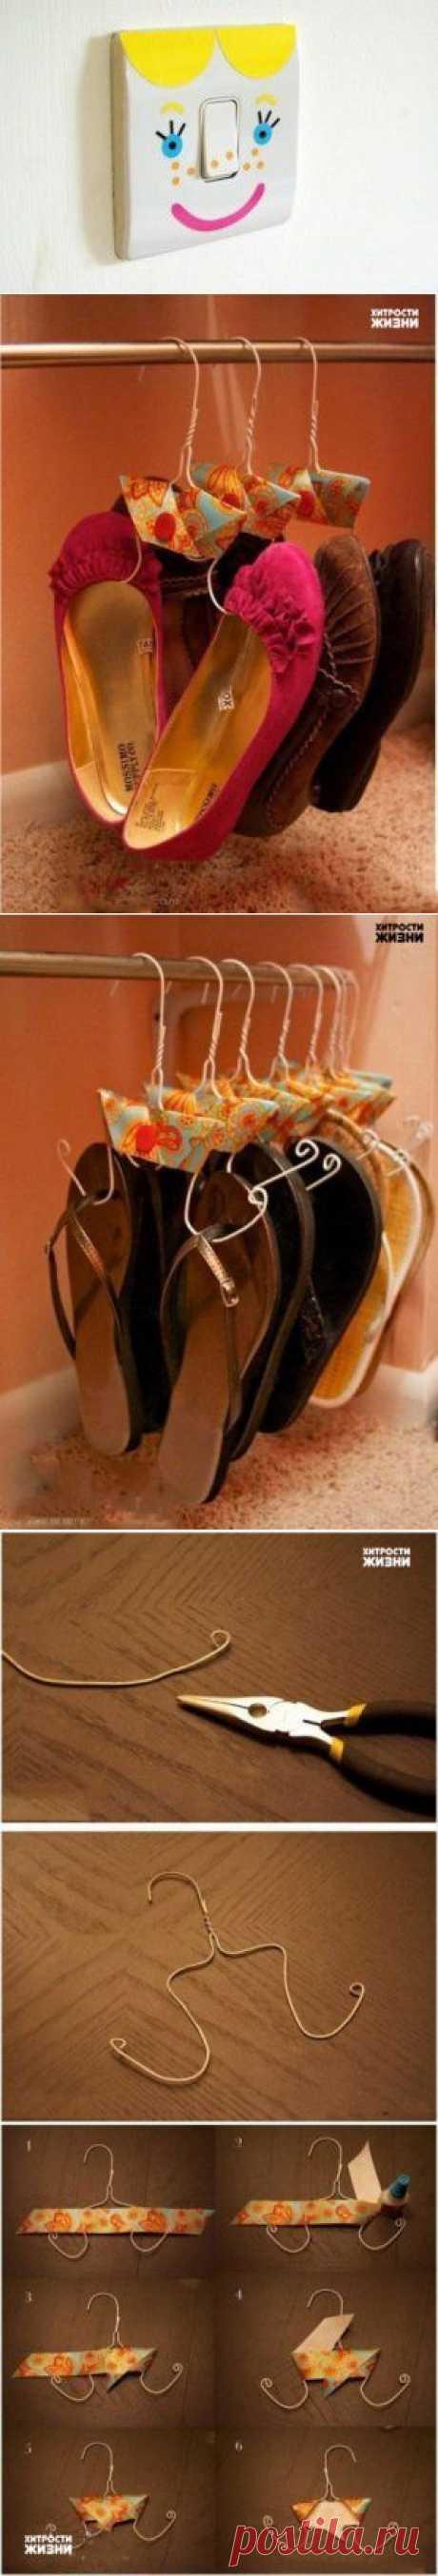 Оригинальные вешалки для обуви - значительно упростят хранение обуви в вашем шкафу.   Хитрости Жизни